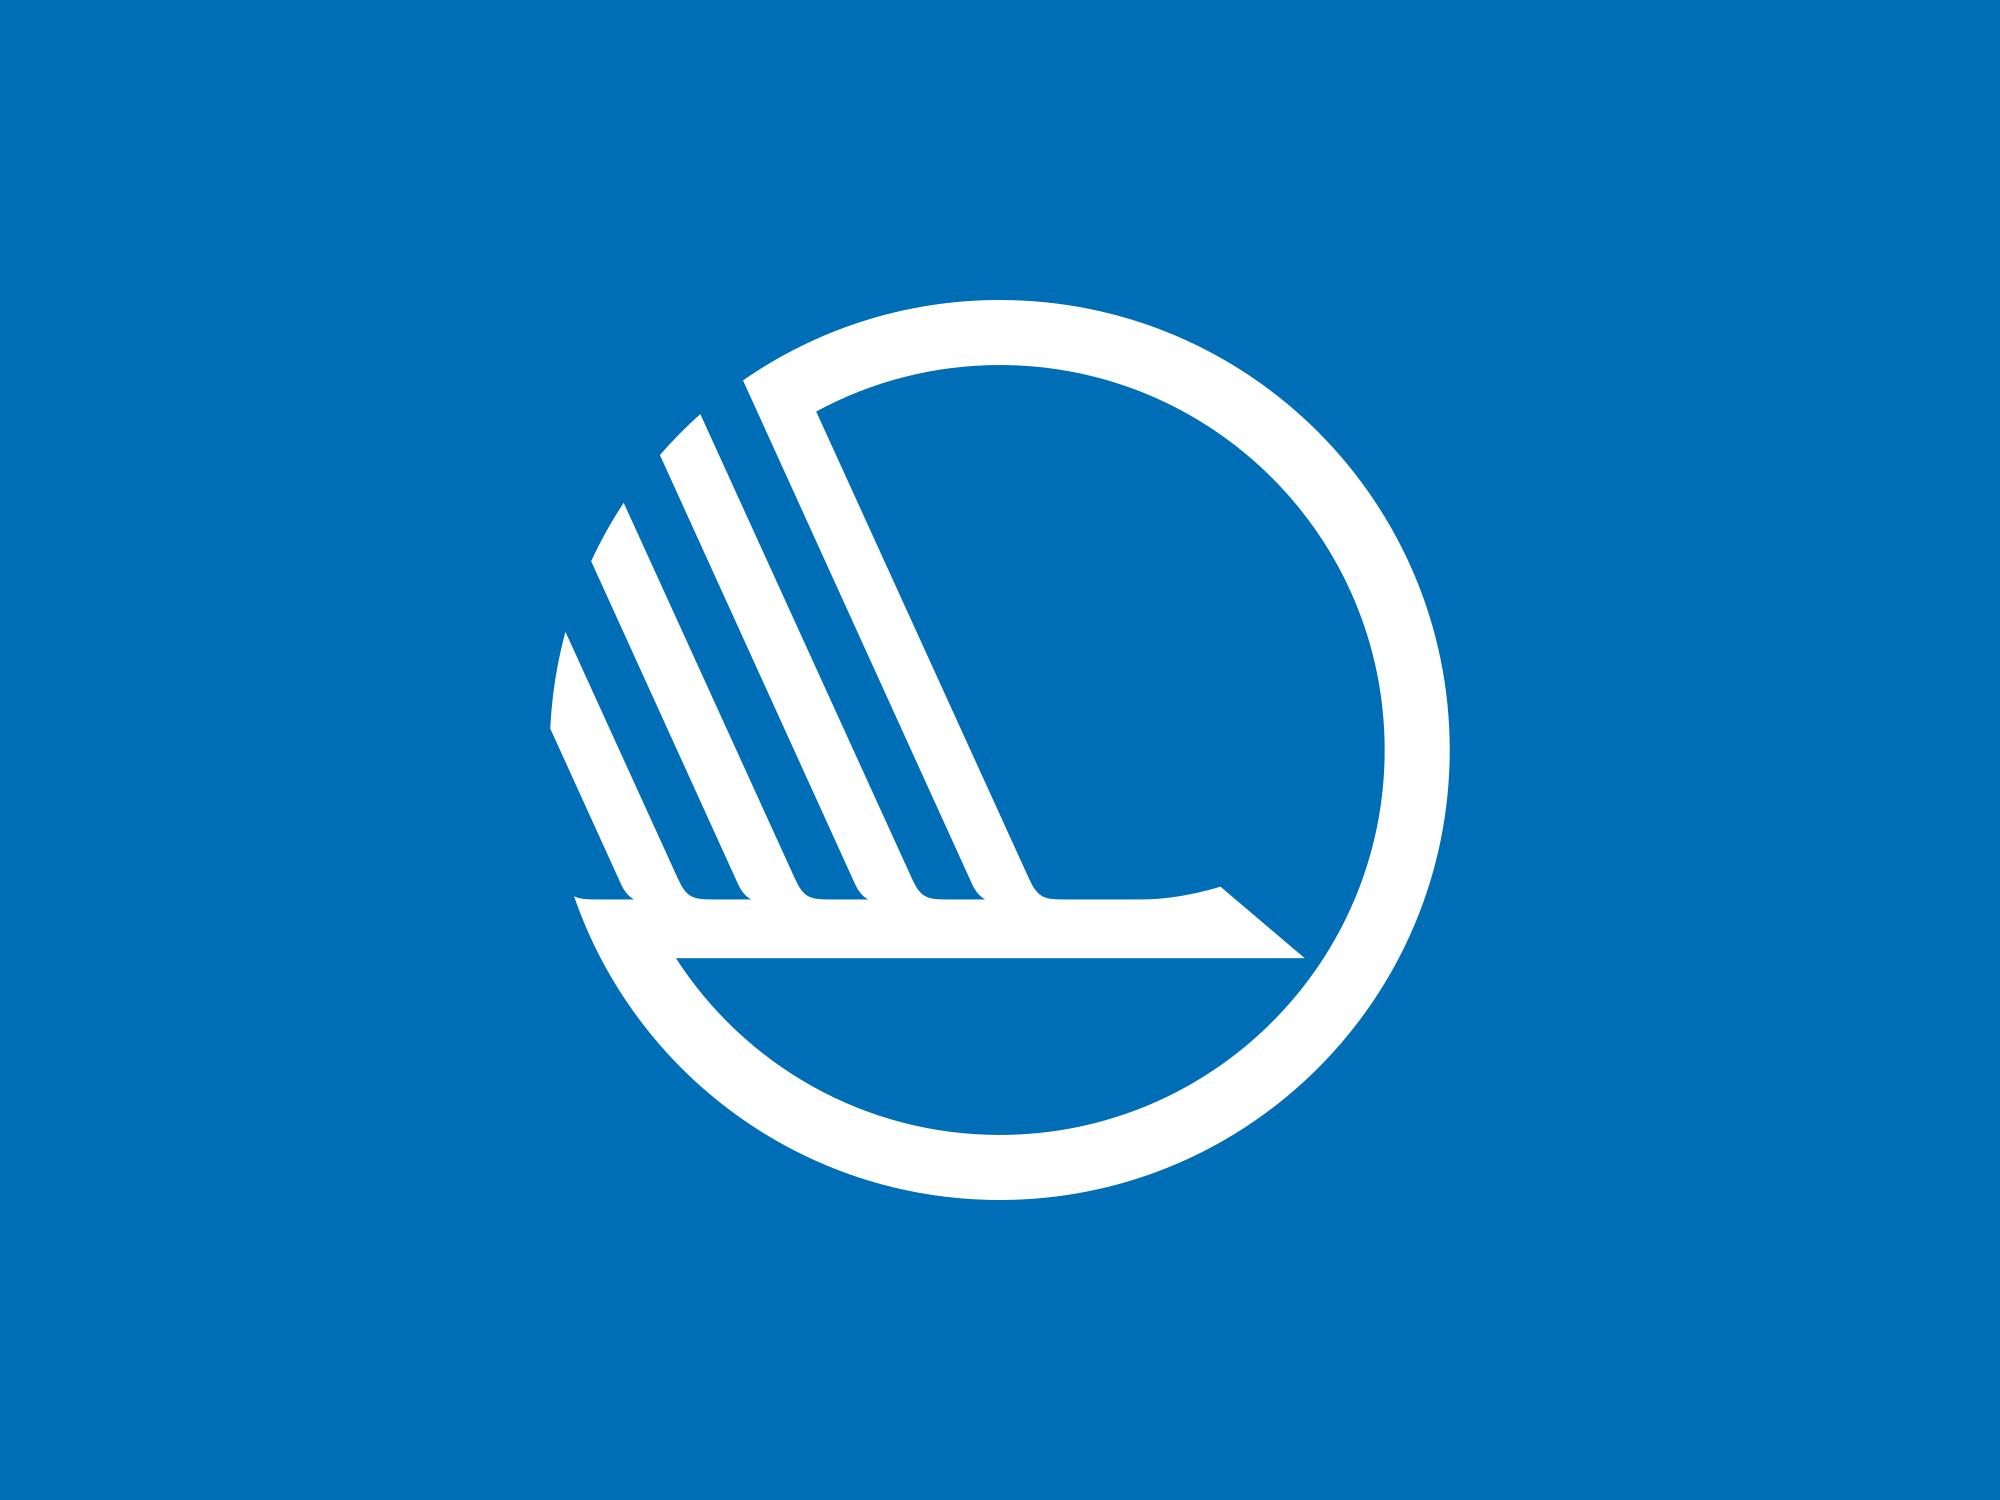 Comunidad Nórdica (MNI)